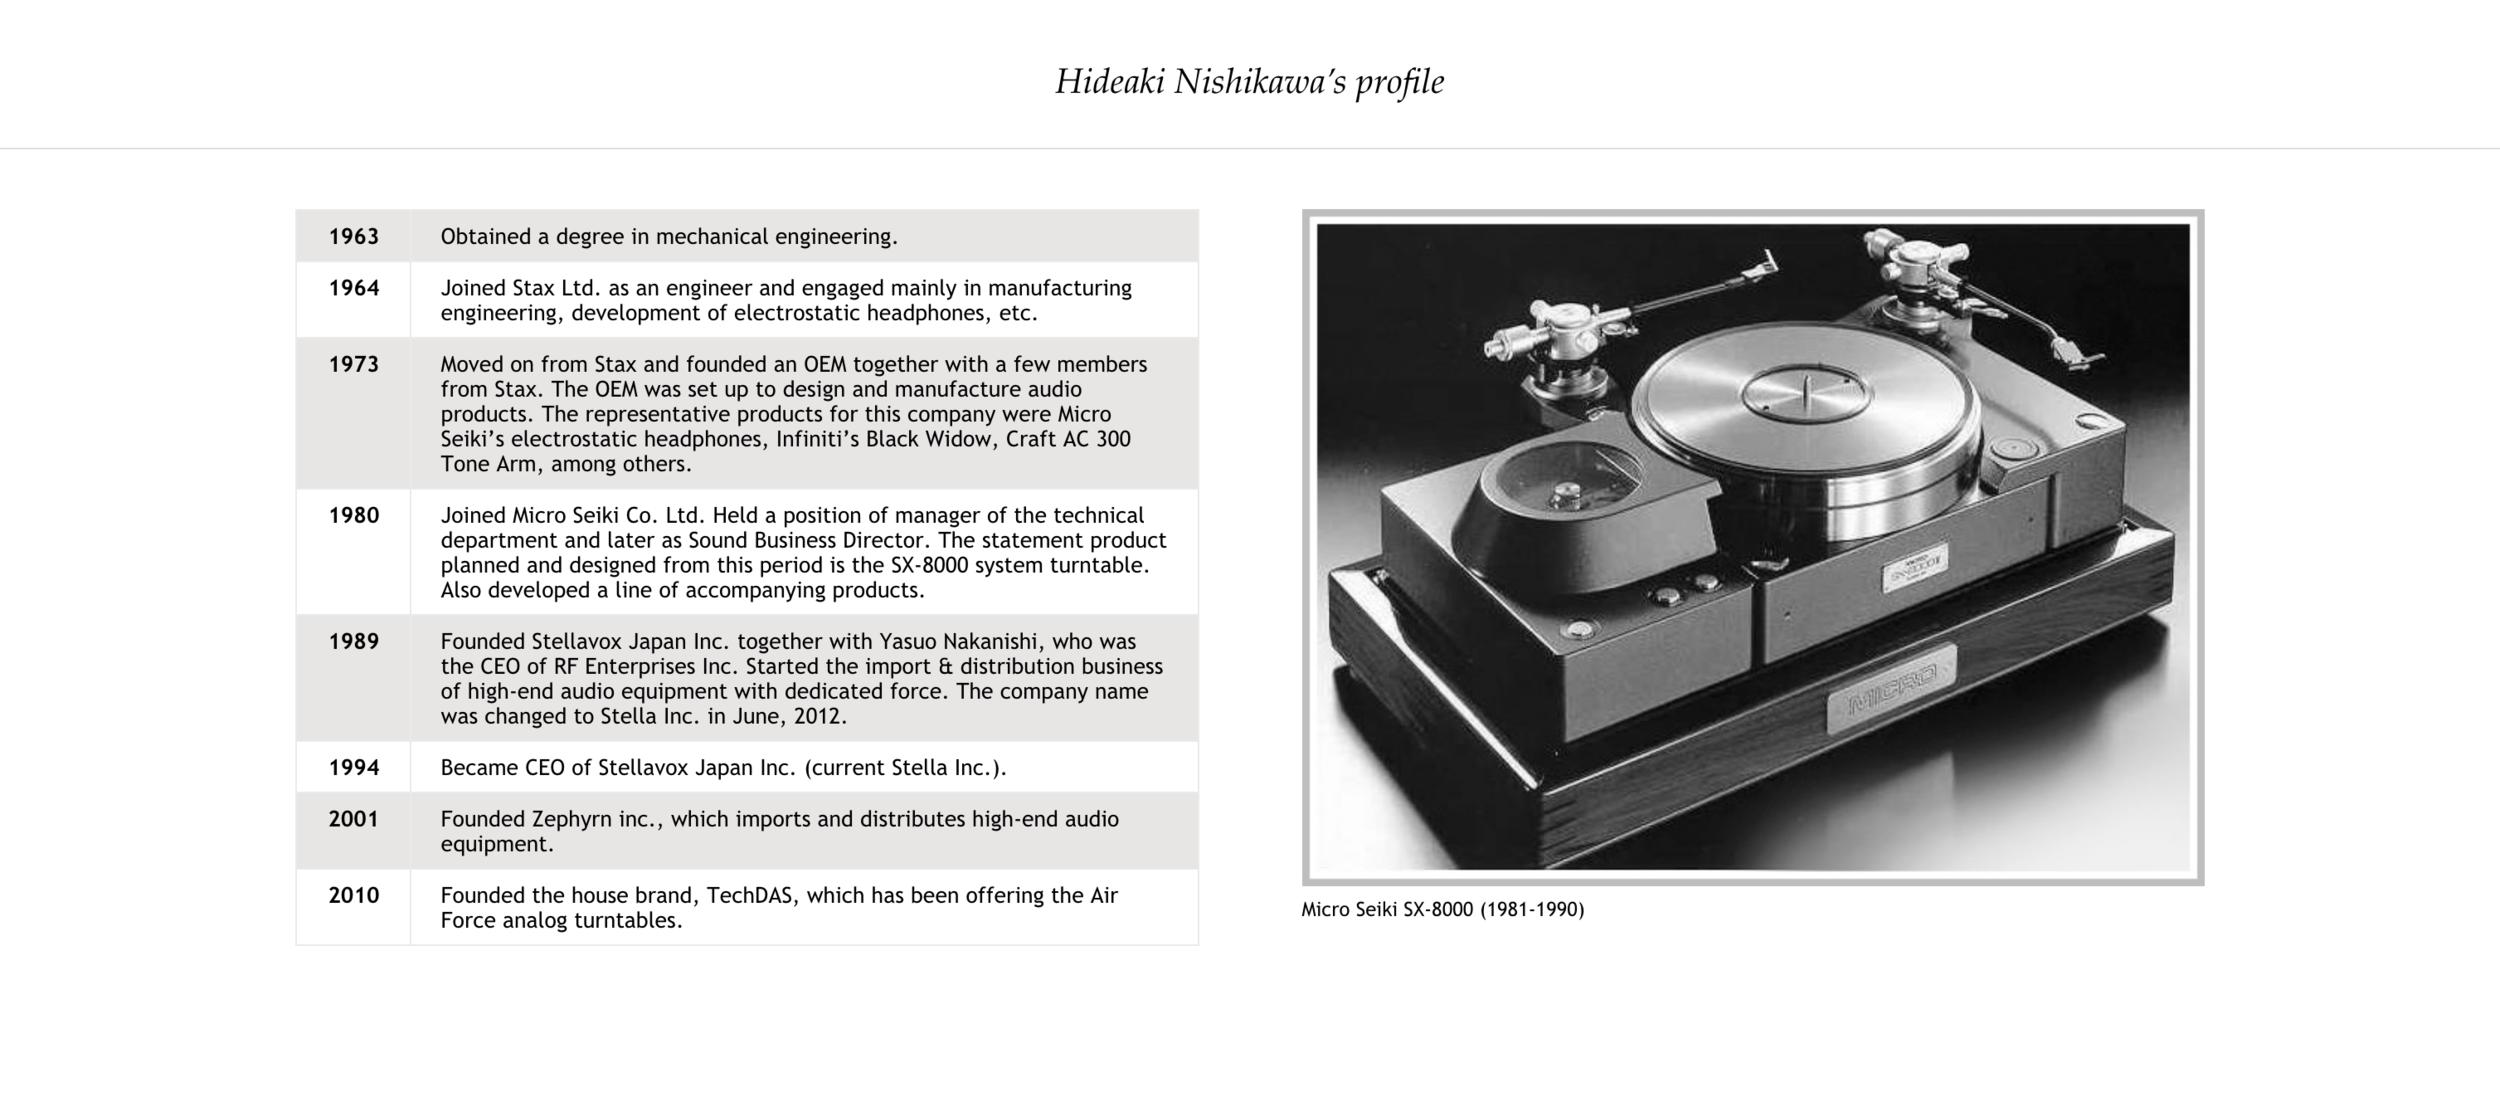 Hideaki Nishikawa's profile